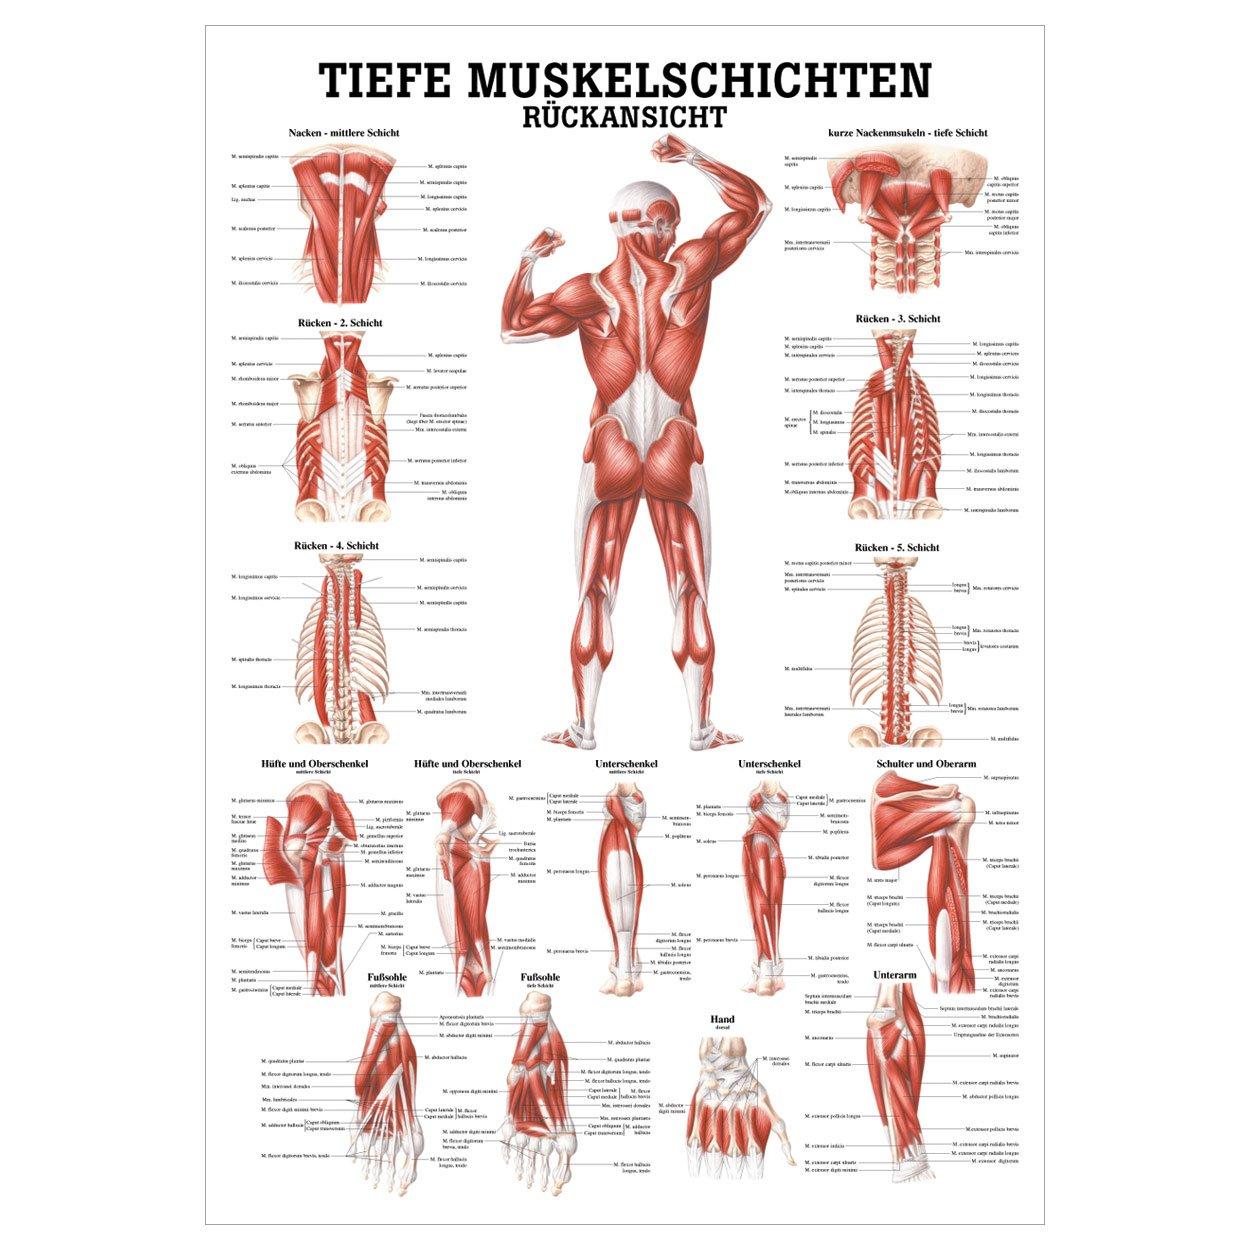 Ausgezeichnet Makroskopische Anatomie Fragen Ideen - Menschliche ...